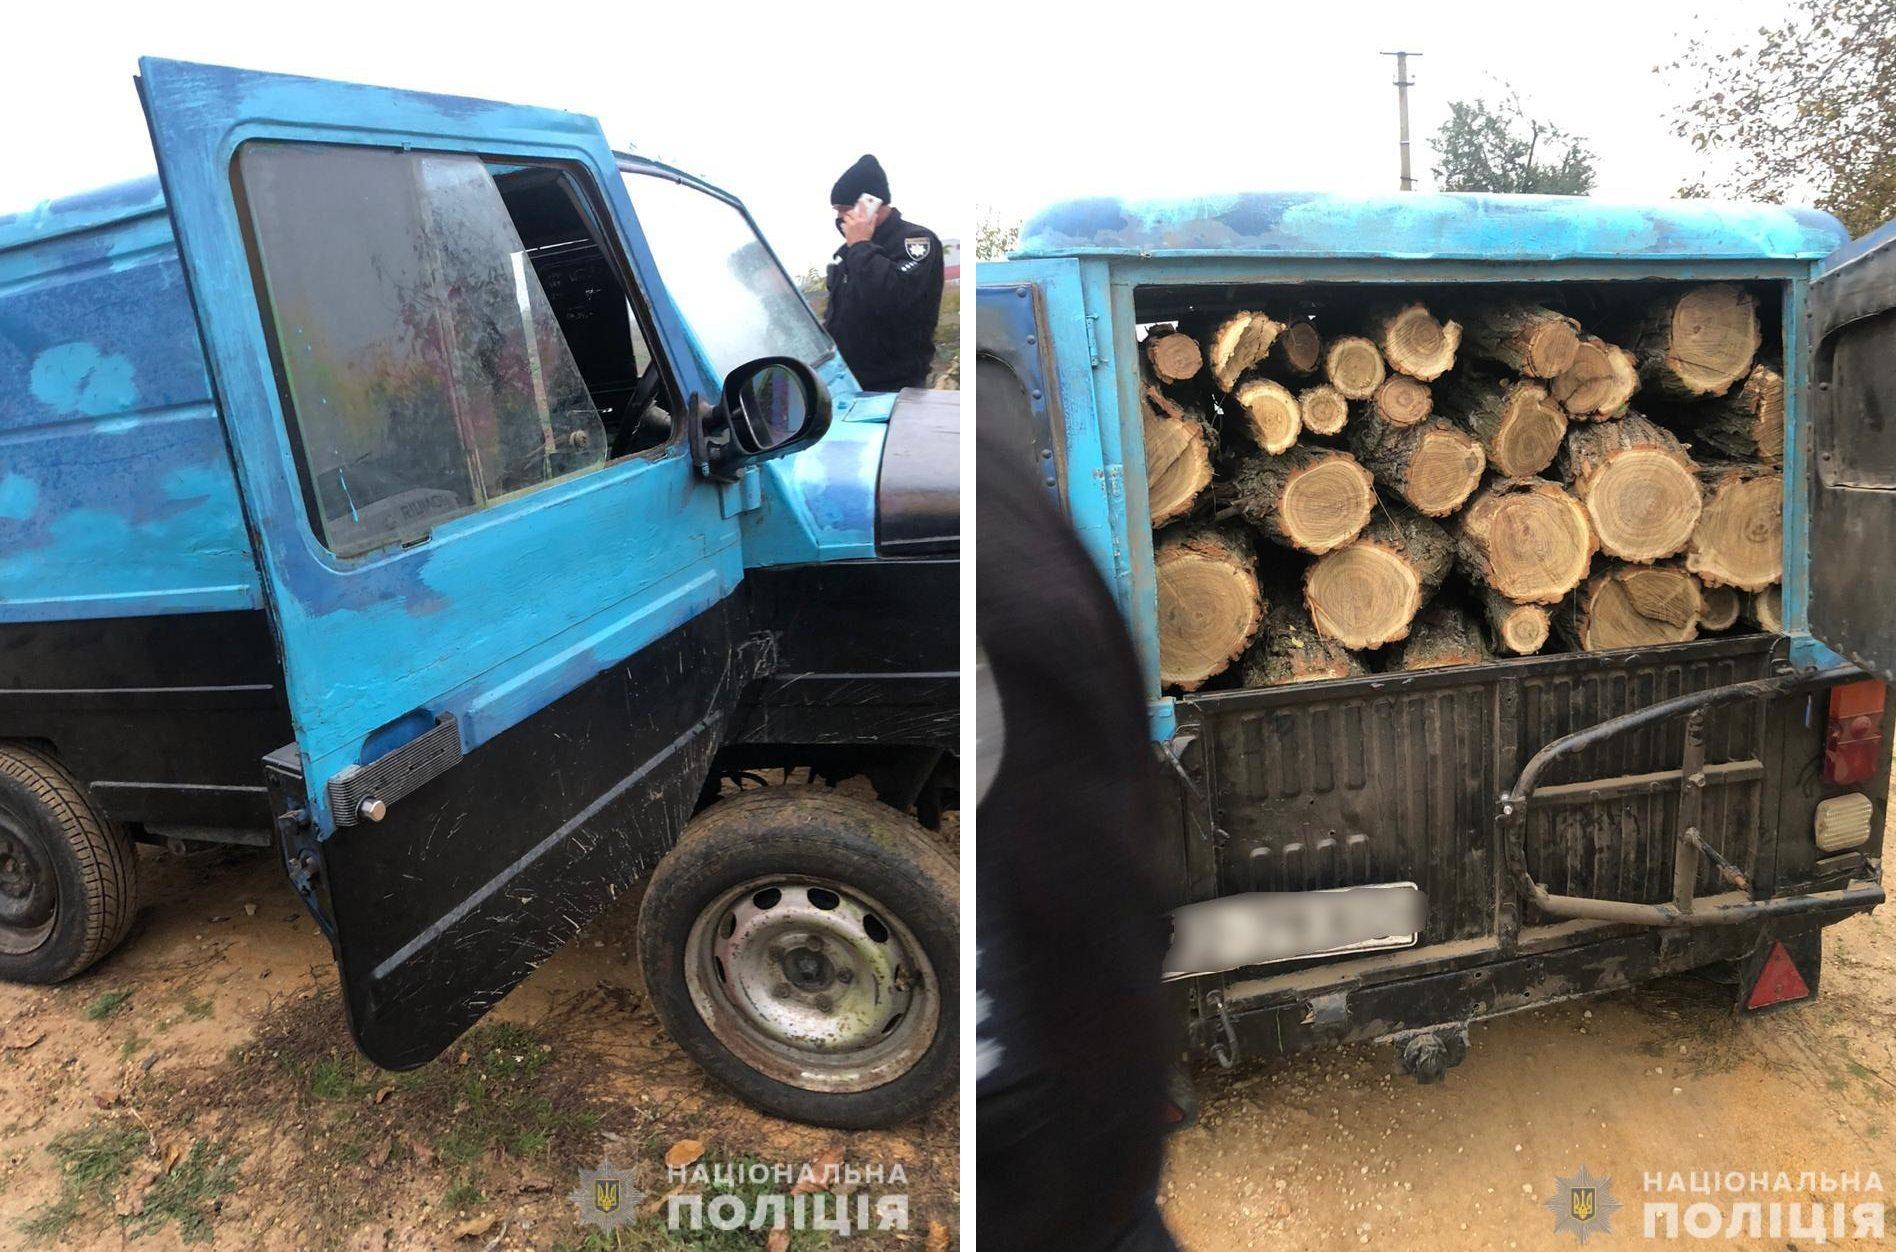 В Херсонській області поліцейські затримали лісового браконьєра з вантажем деревини